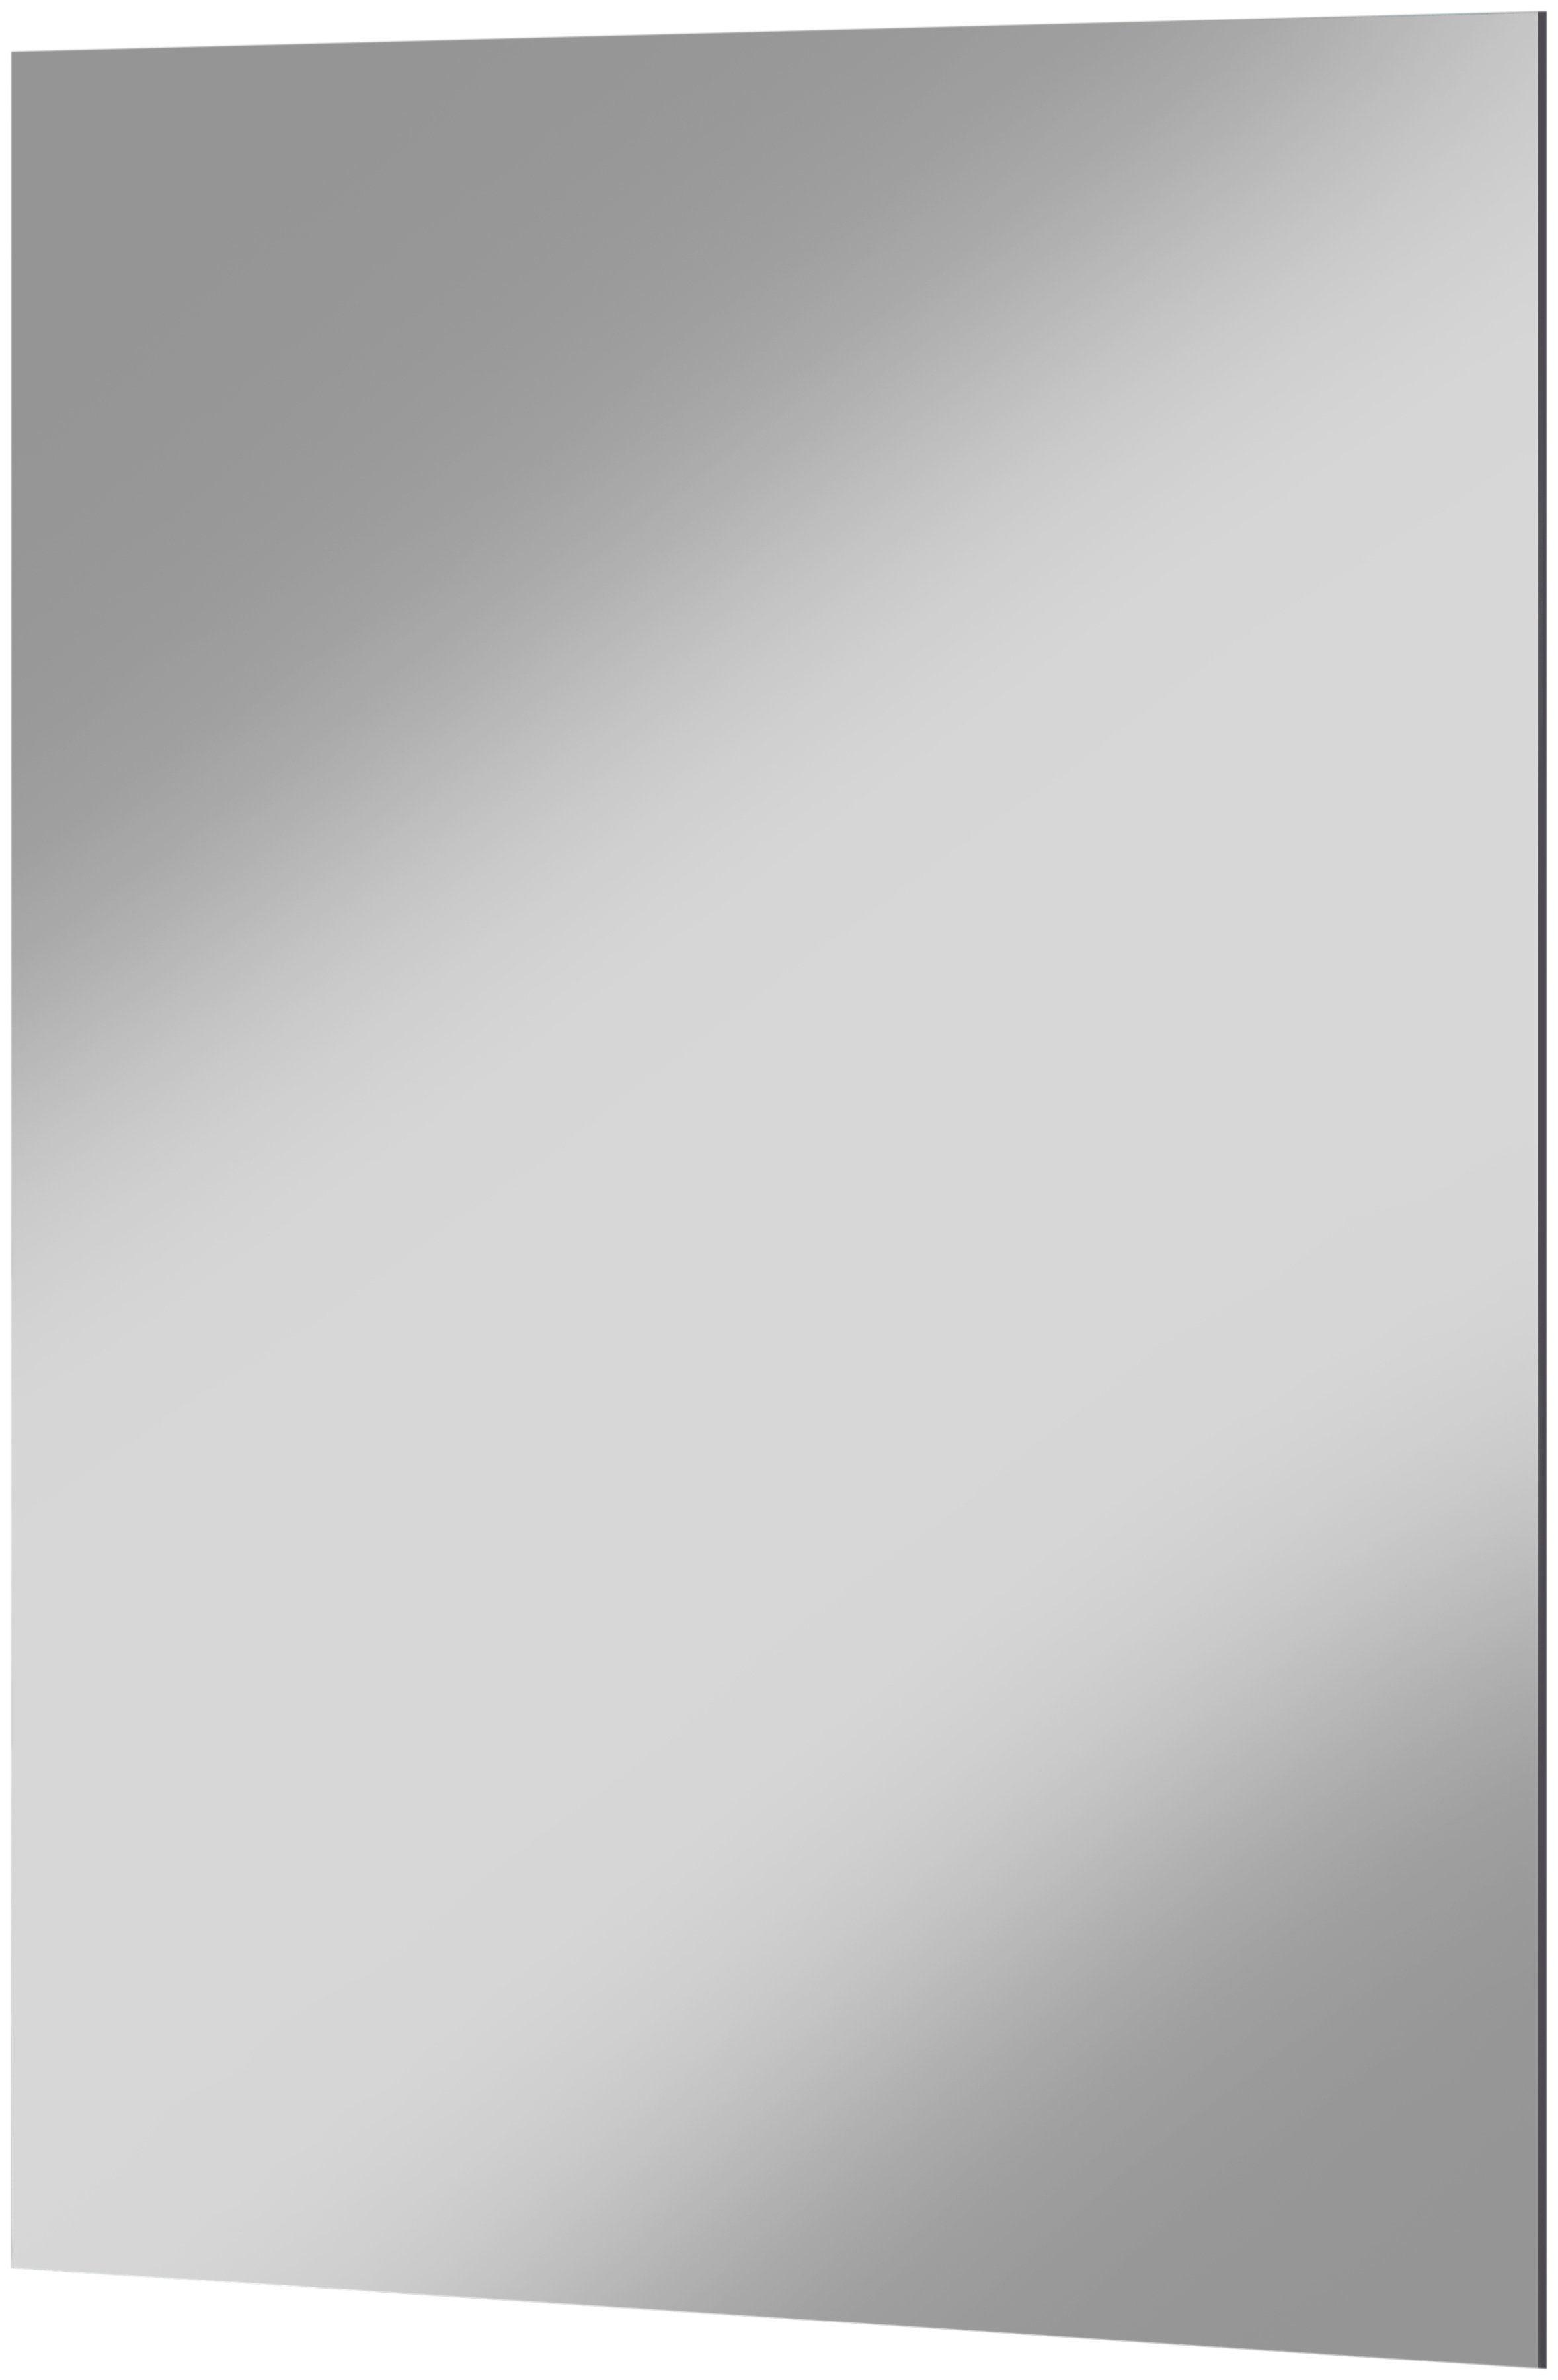 CYGNUS BATH Spiegel »Malaga / Hola«, 60 x 80 cm